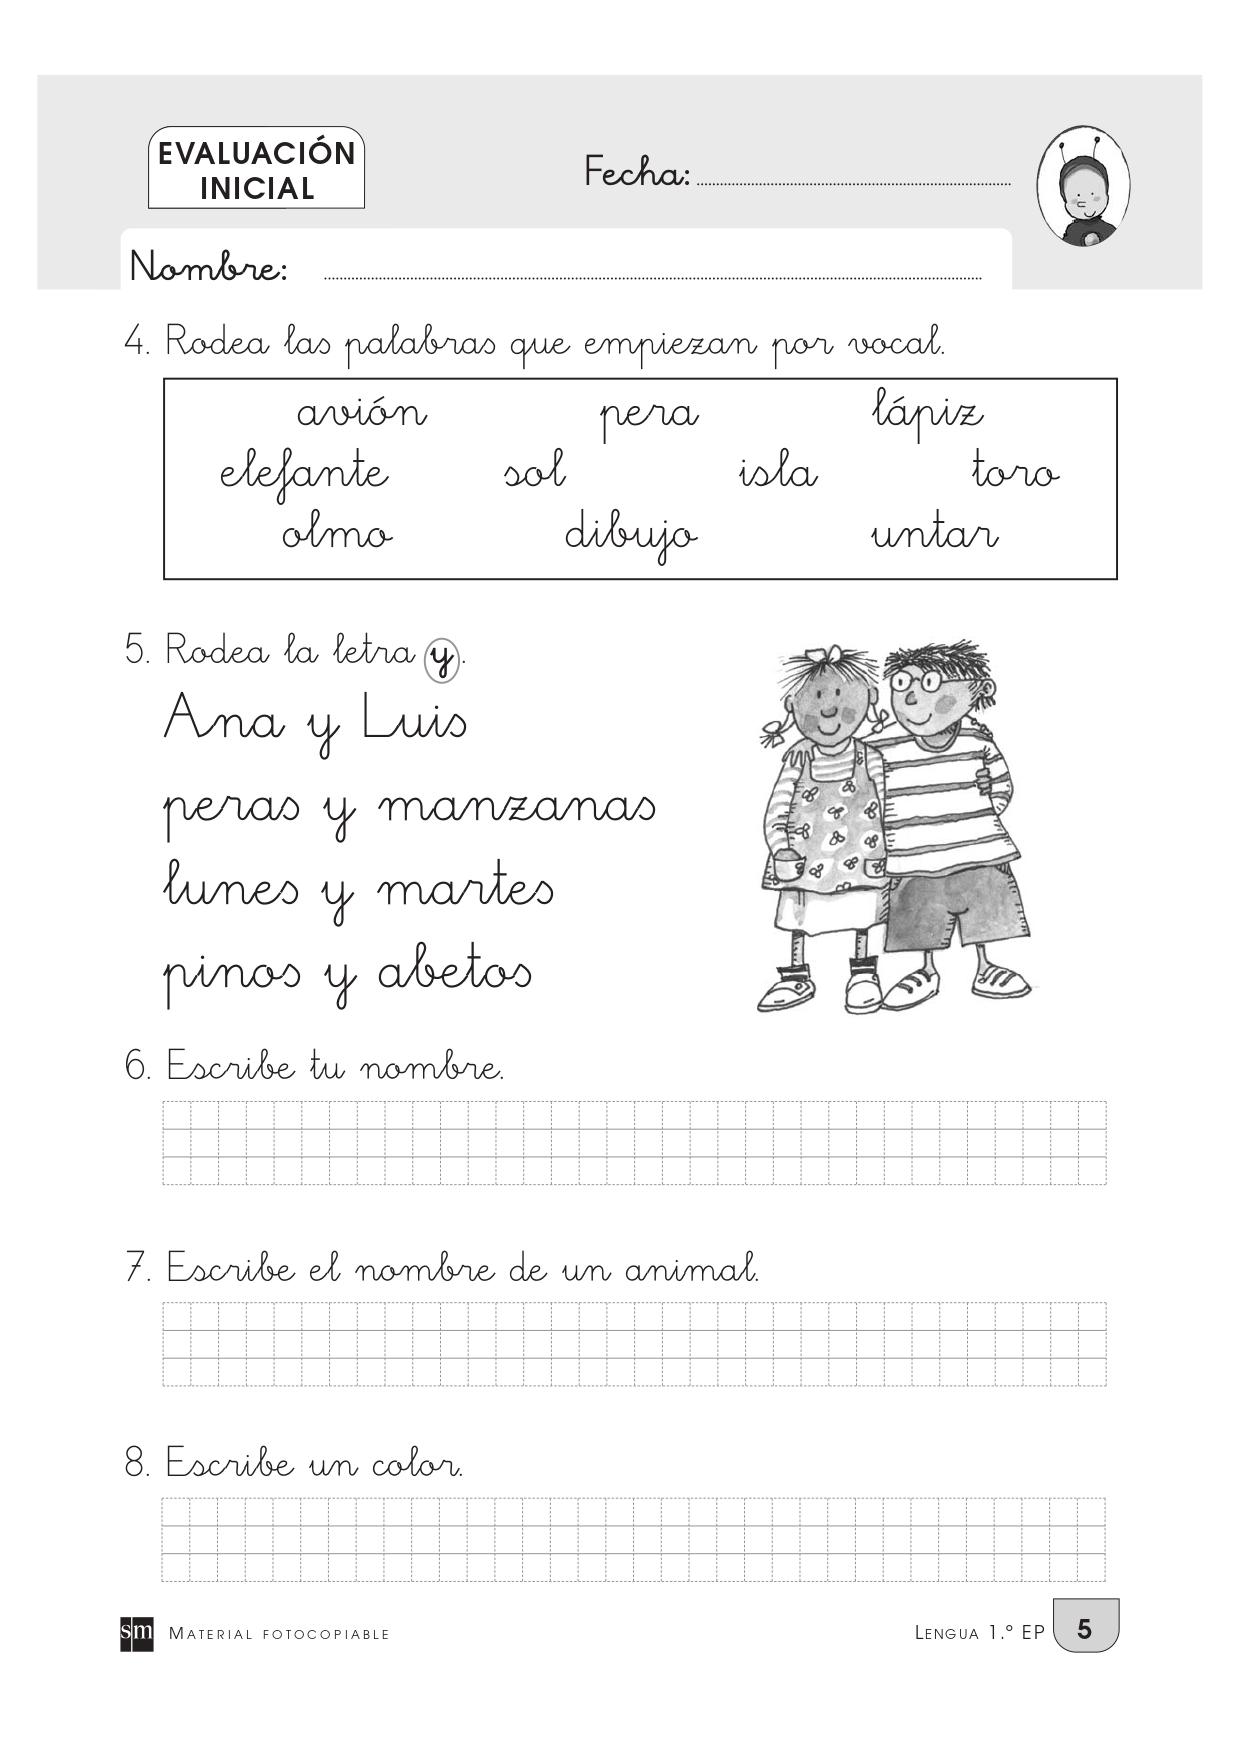 Evaluación inicial para primero de primaria_page-0008 - Orientación Andújar  - Recursos Educativos